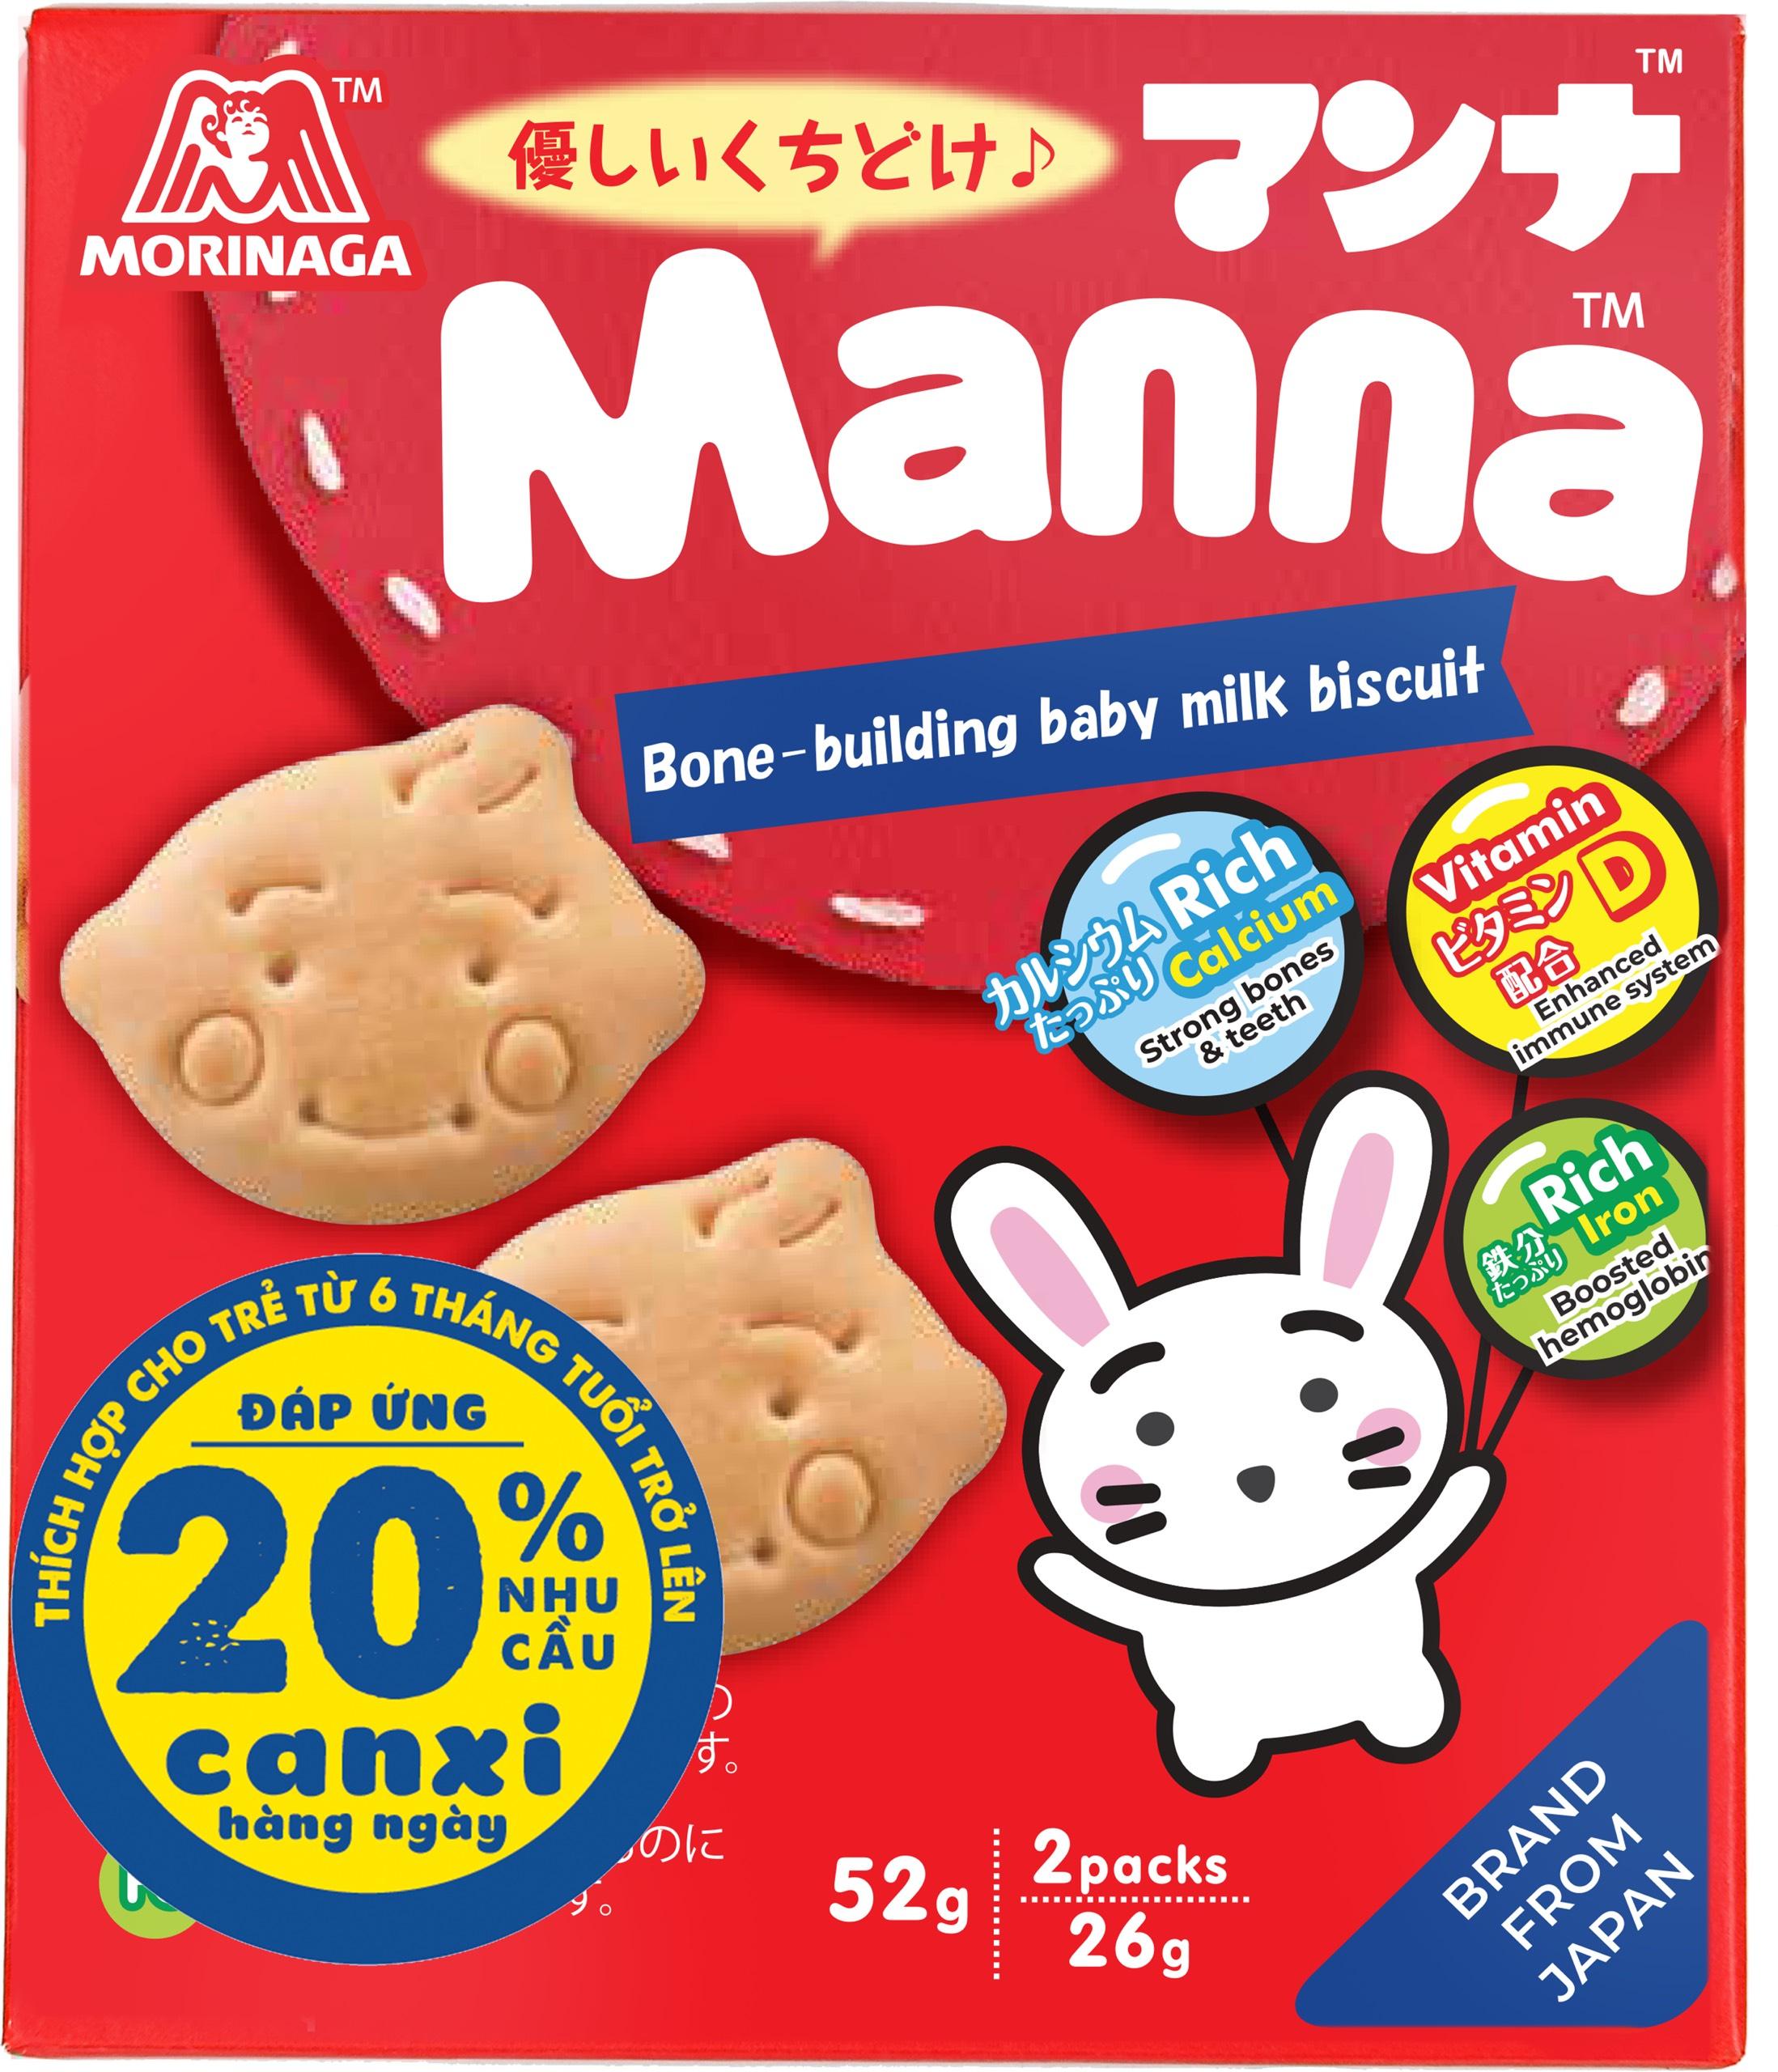 Morinaga - Bánh quy sữa Manna - Manna Milk Biscuit